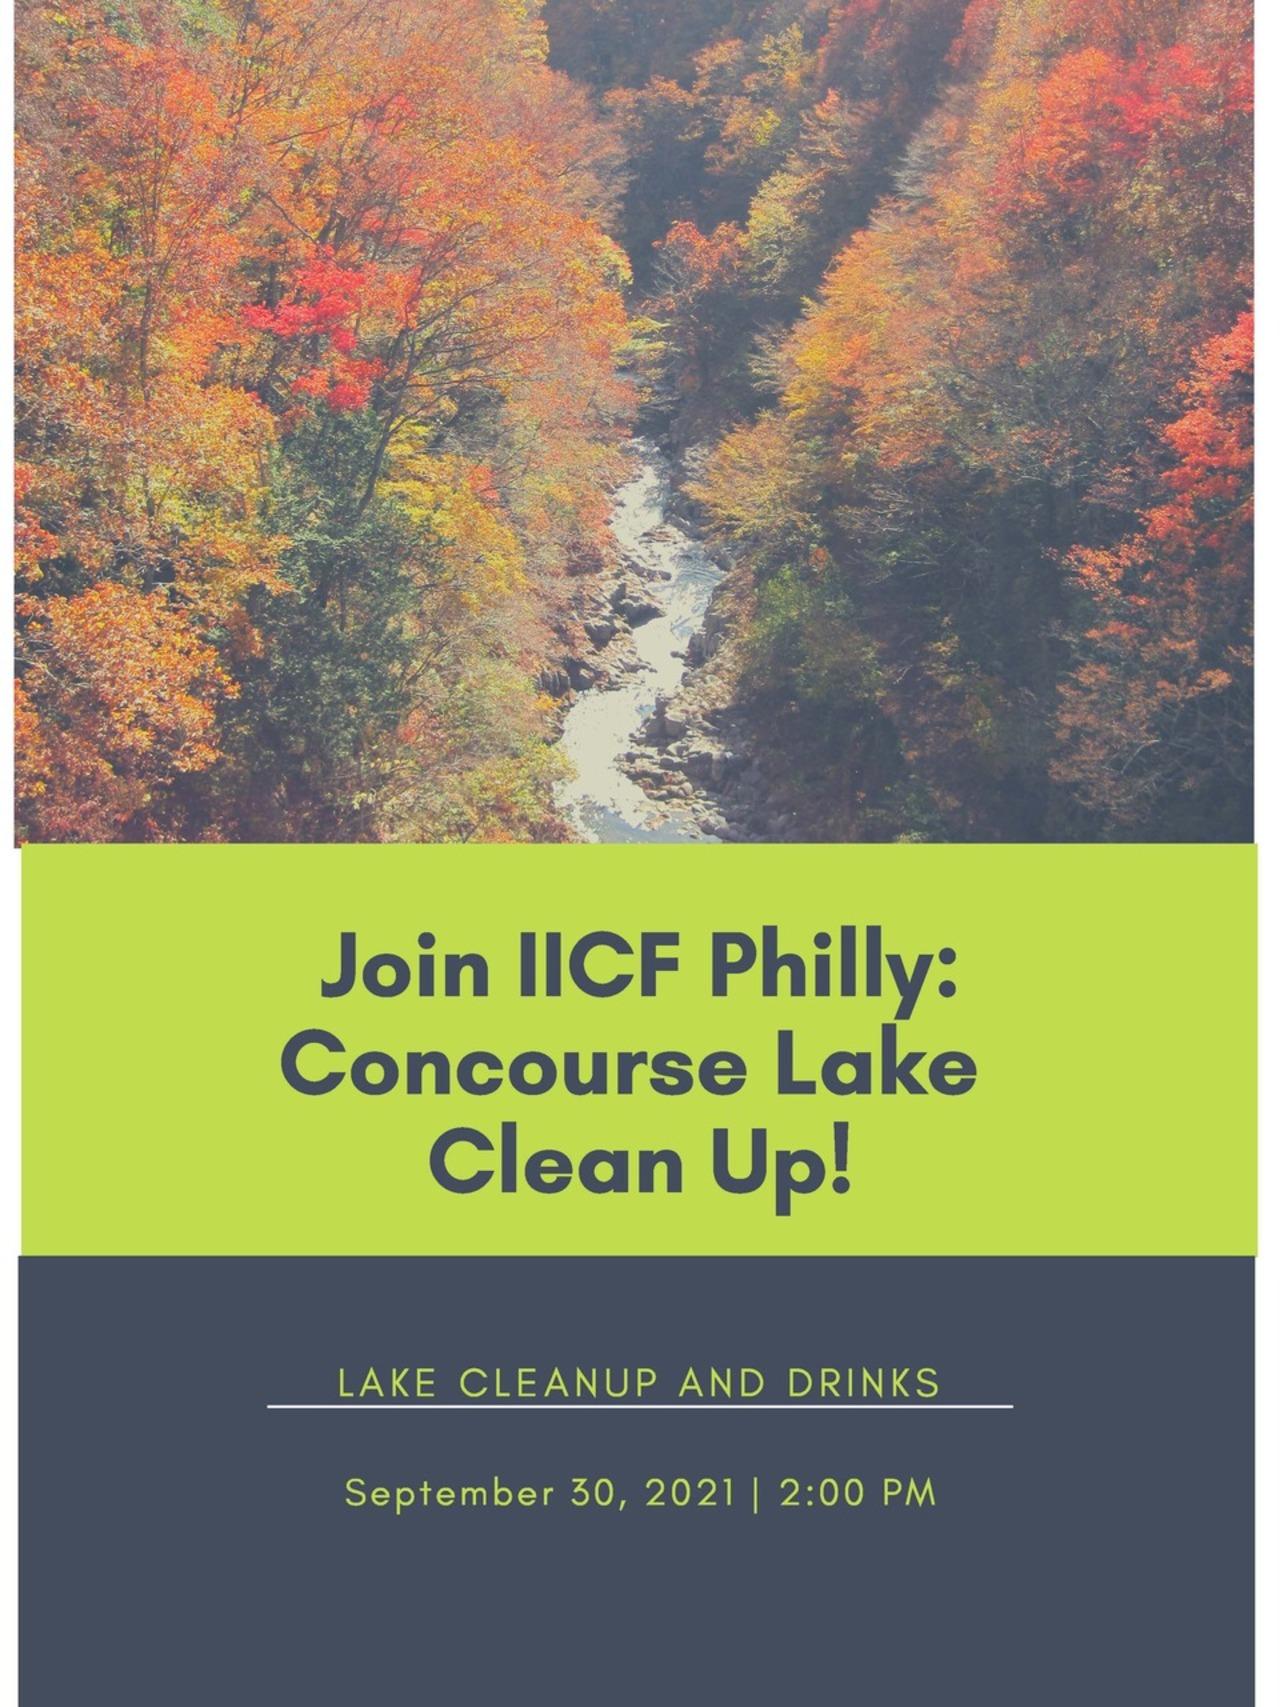 IICF Philadelphia: Fall Volunteer Event